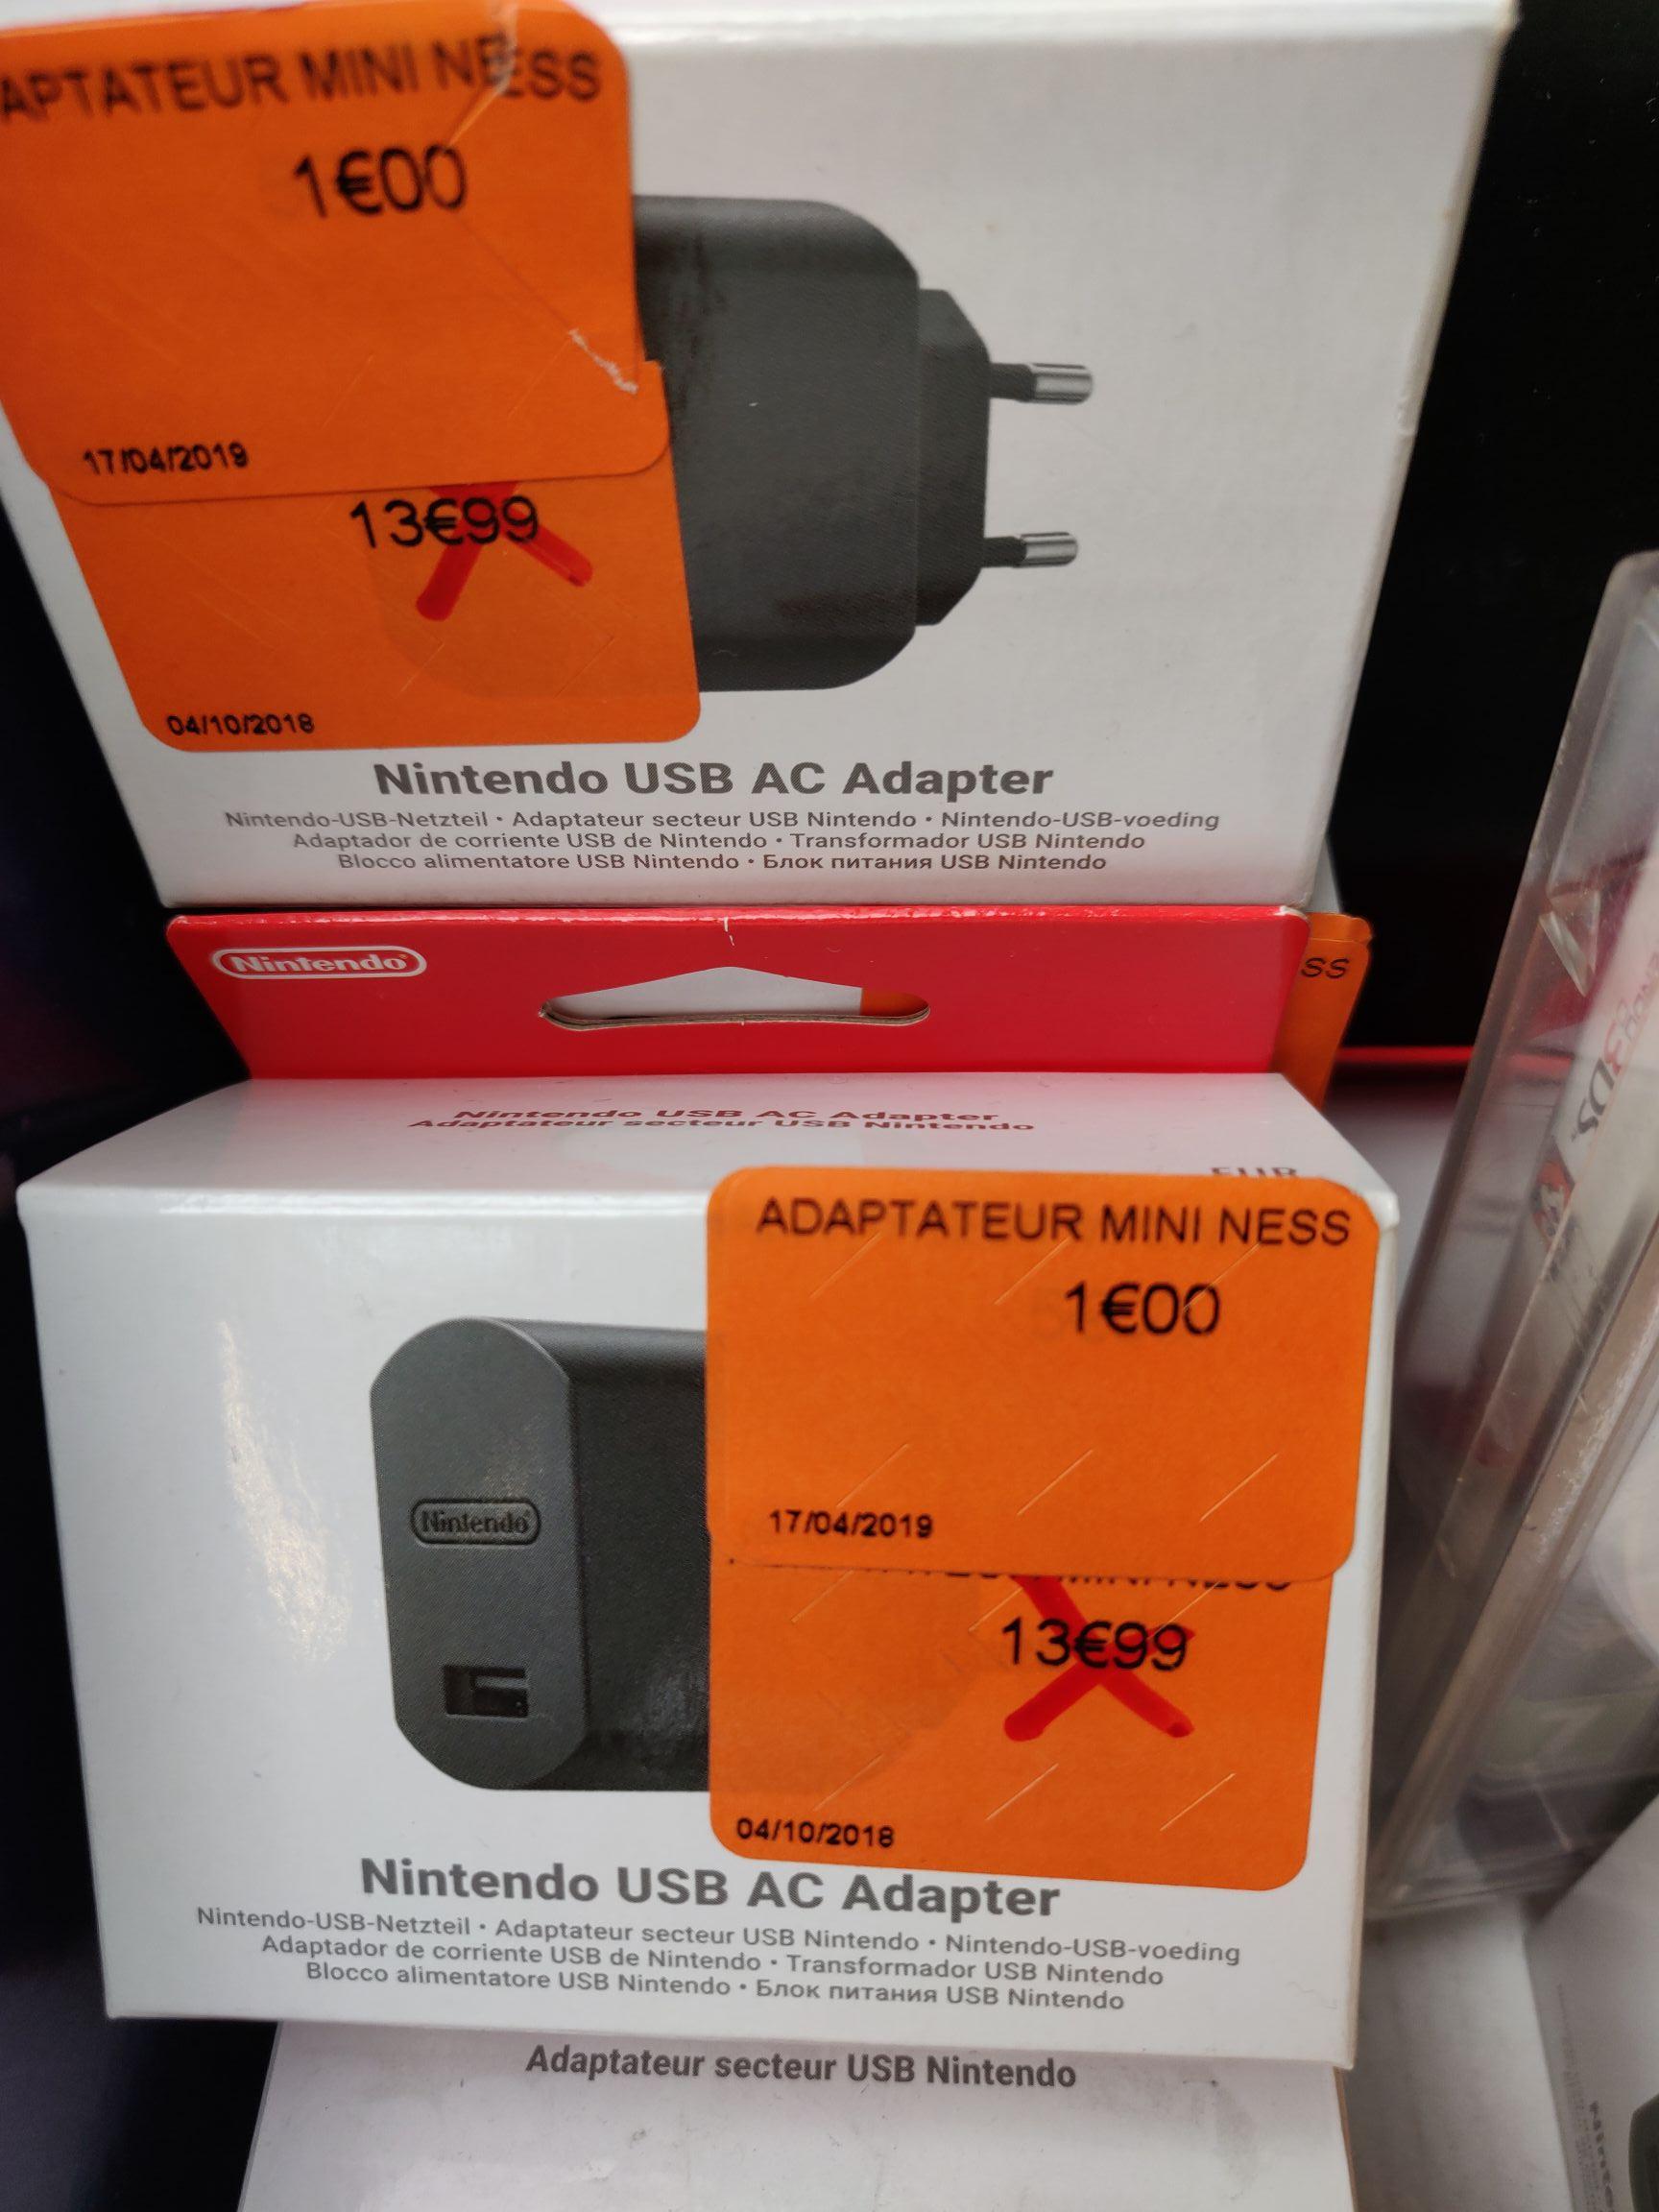 Adaptateur secteur USB Nintendo -  Lempdes (63)